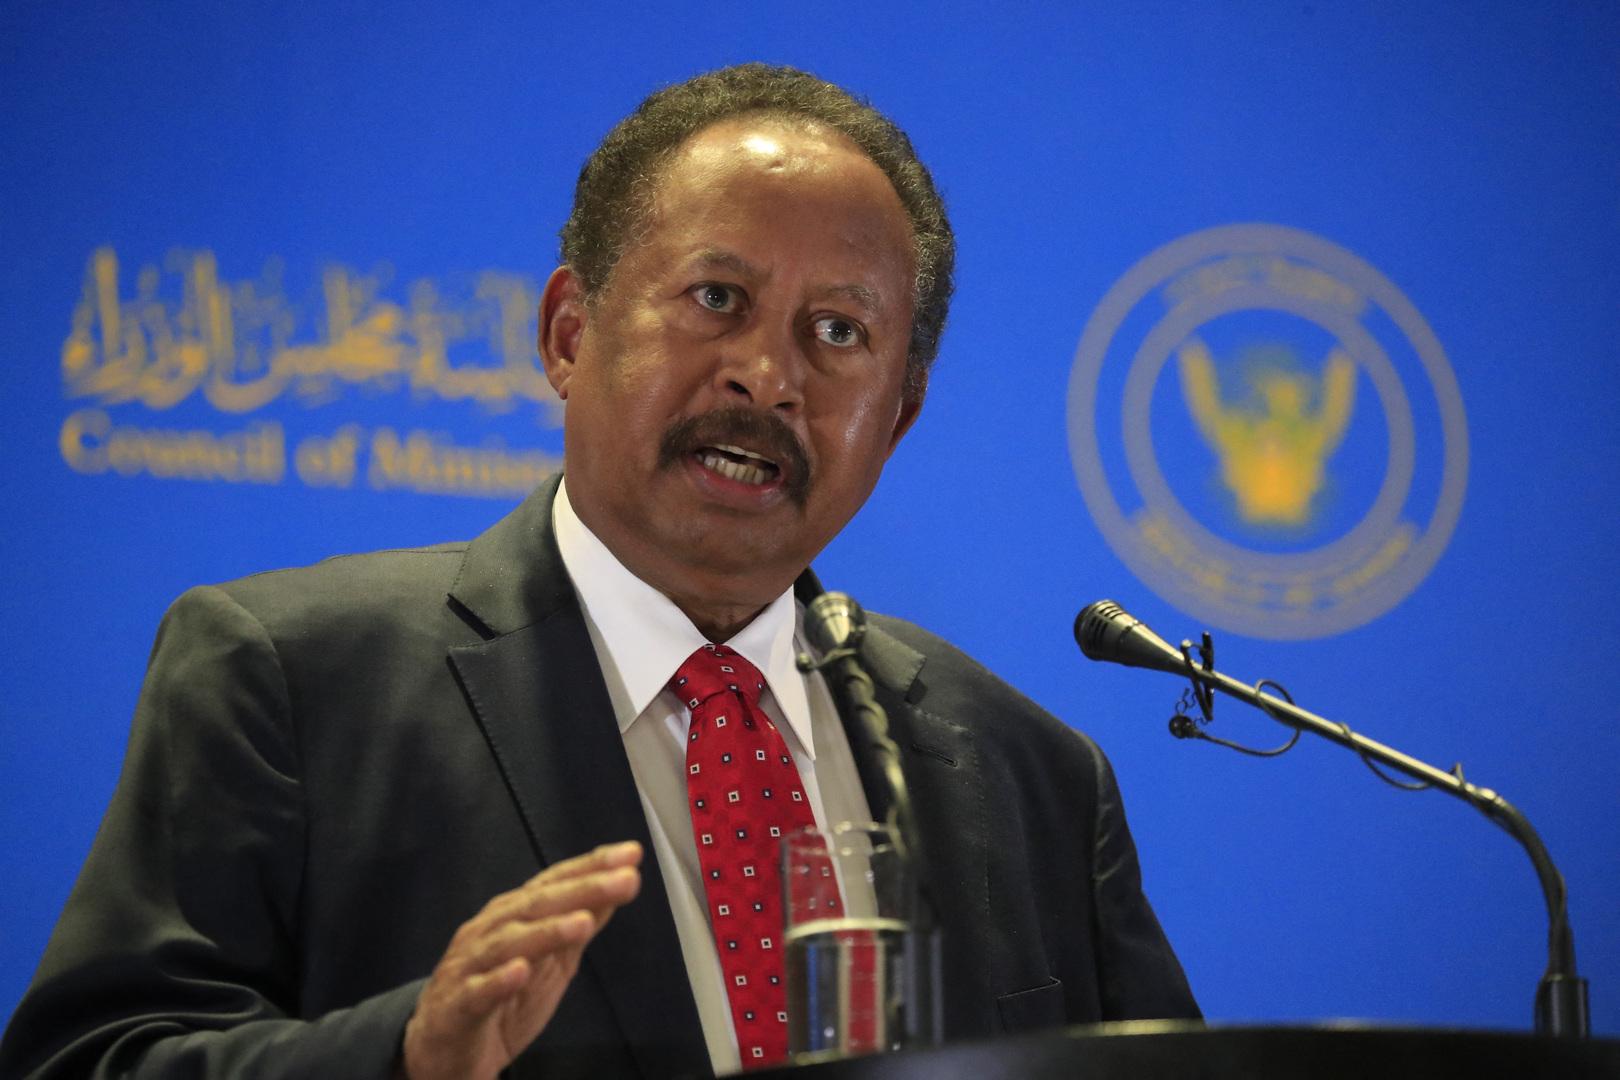 رئيس وزراء السودان يدعو نظيريه المصري والإثيوبي لاجتماع مغلق حول سد النهضة